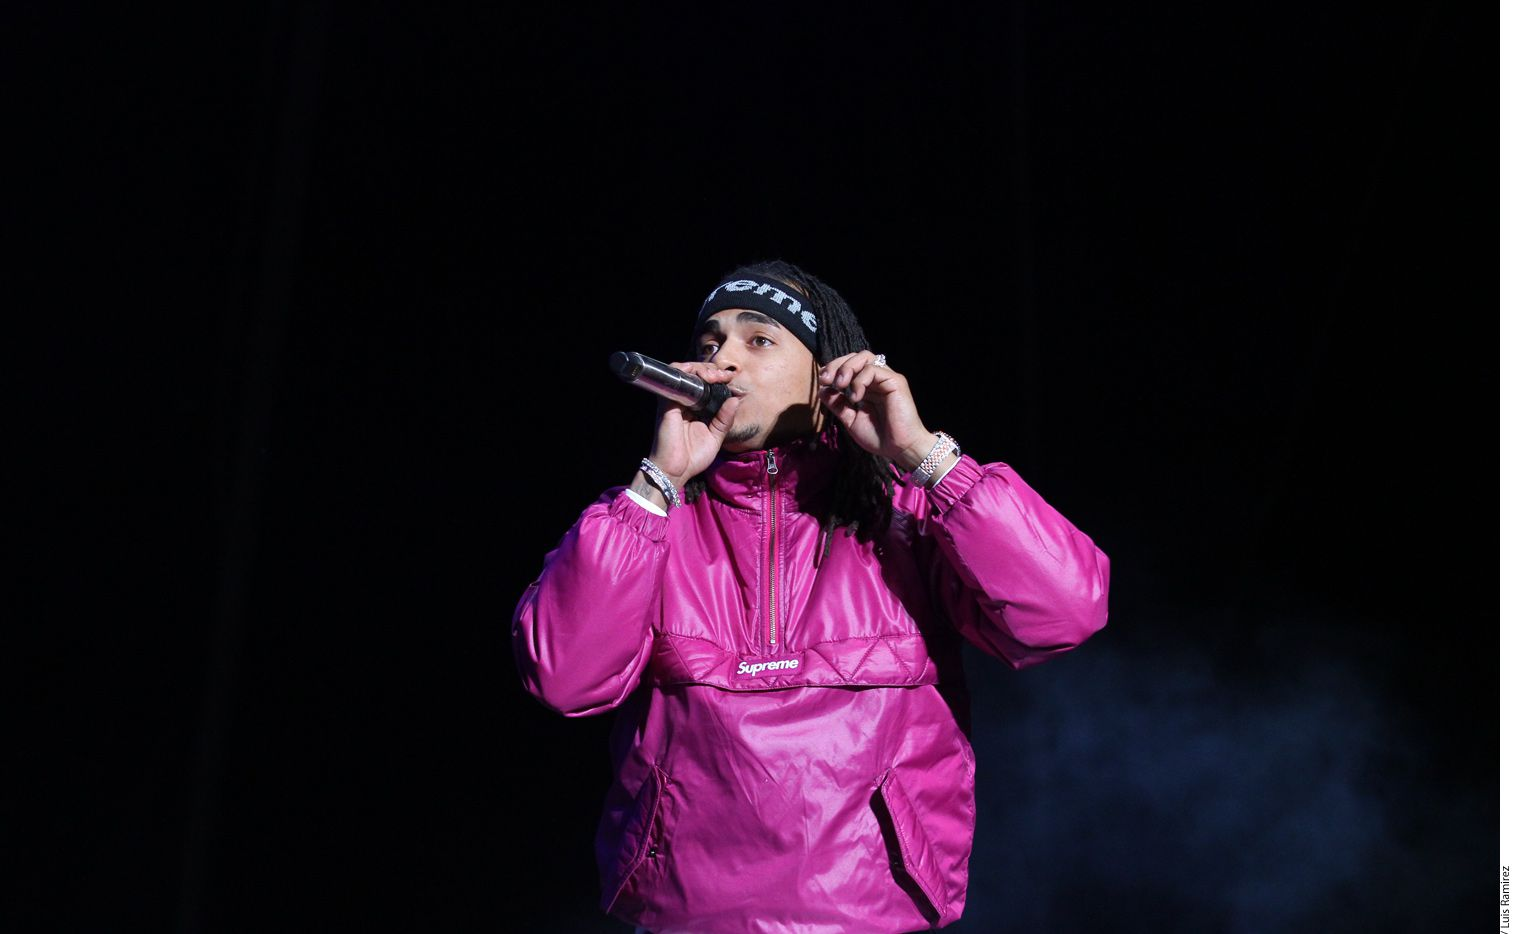 Tras coronarse como el máximo ganador de la 31 edición de los Premios Lo Nuestro, el cantante Ozuna (foto) se presentó como testigo ante la Fiscalía de San Juan, Puerto Rico, por el asesinato del trapero Kevin Fret./ AGENCIA REFORMA